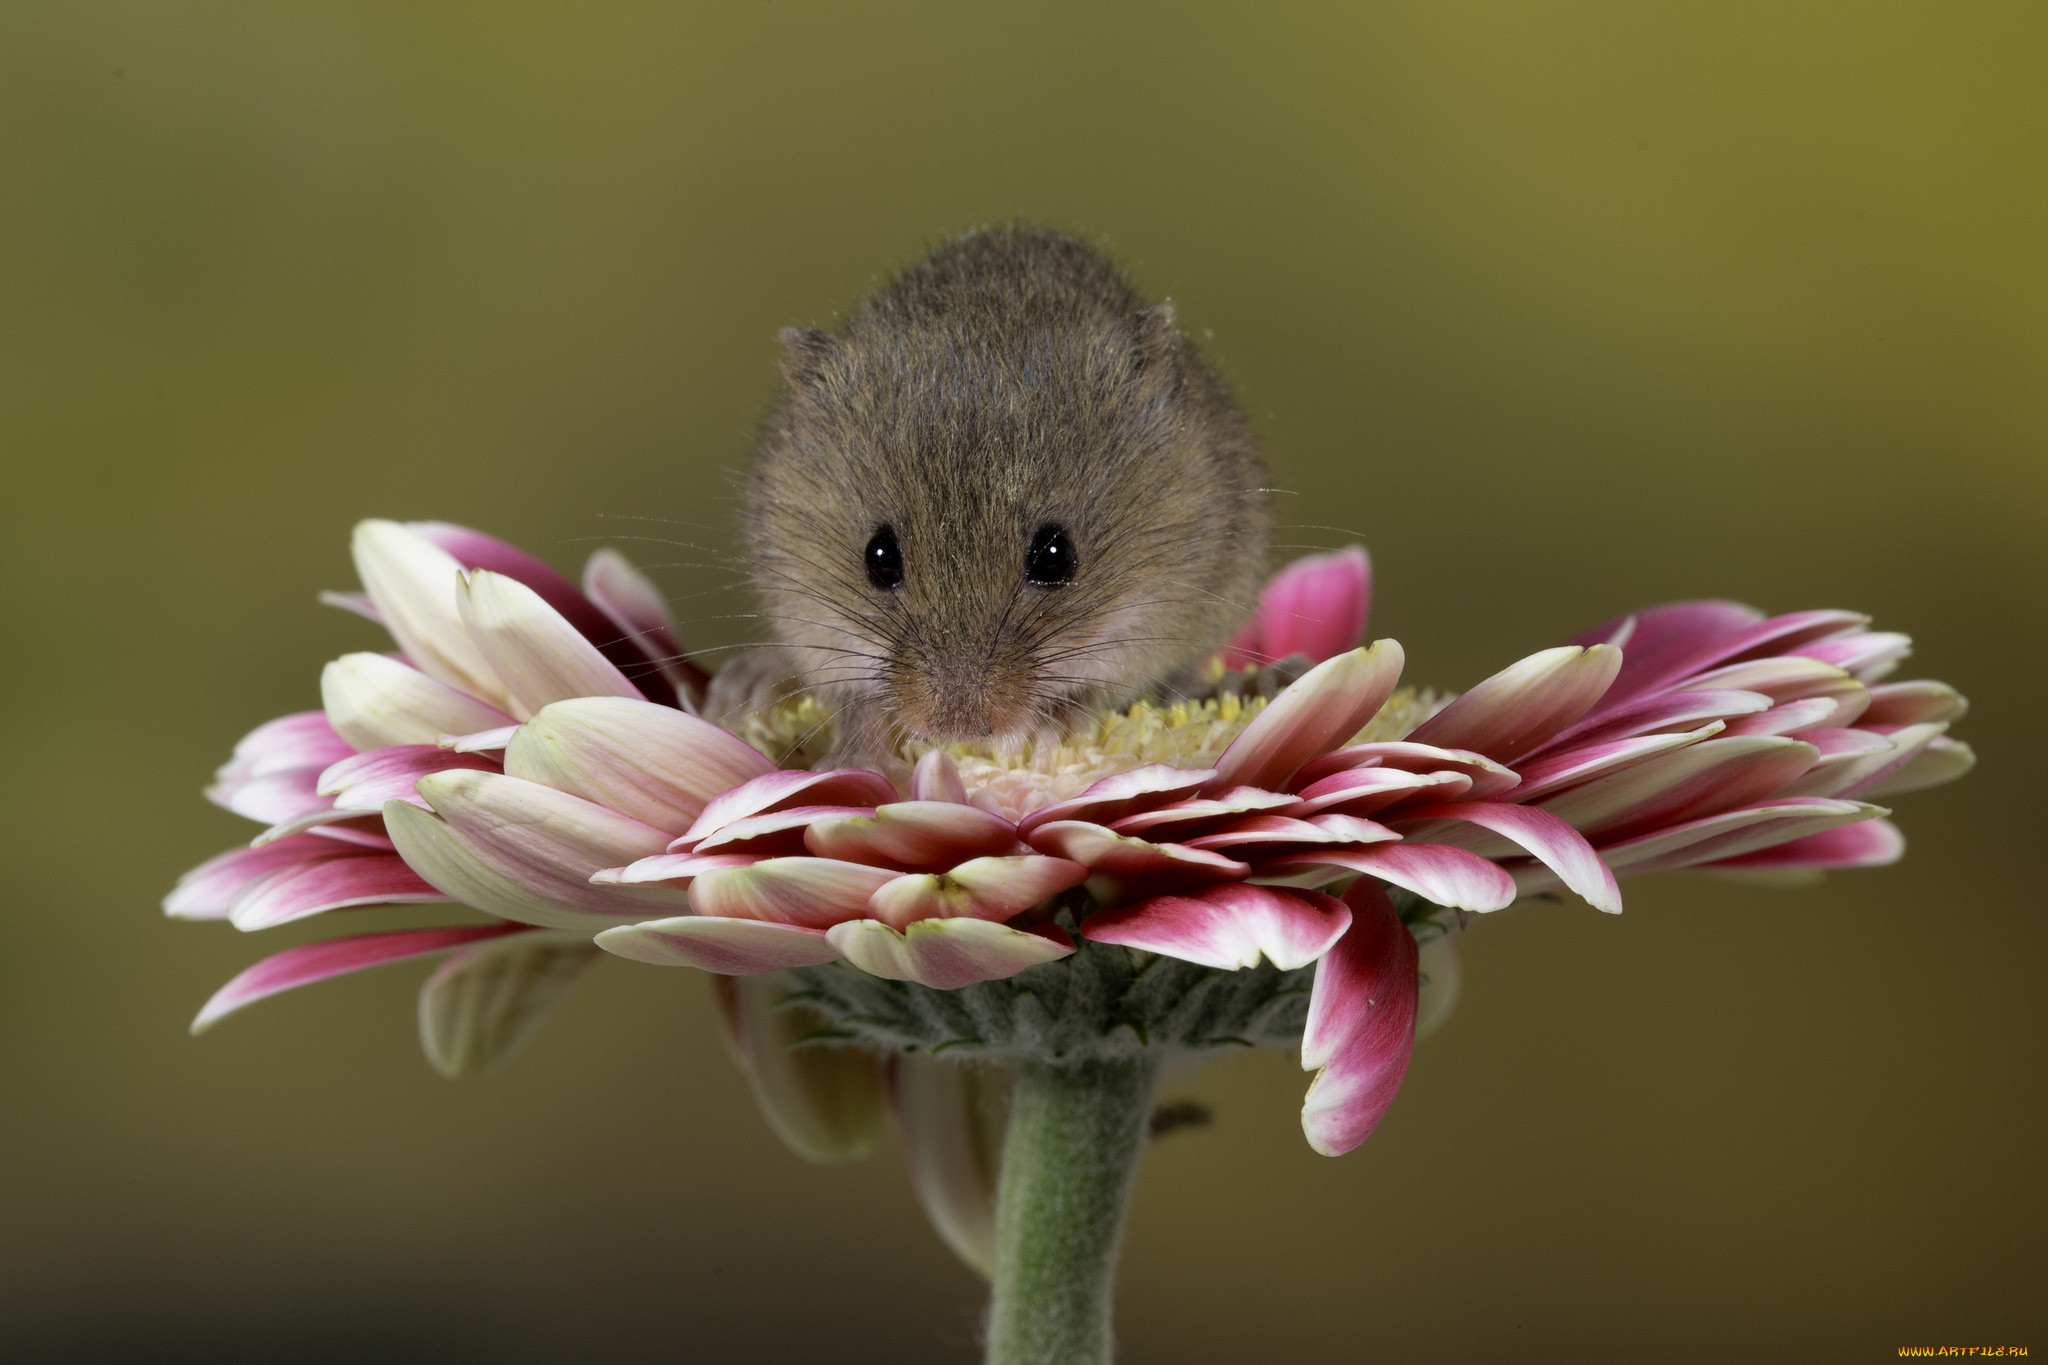 подойдет открытка мышка фото может понять